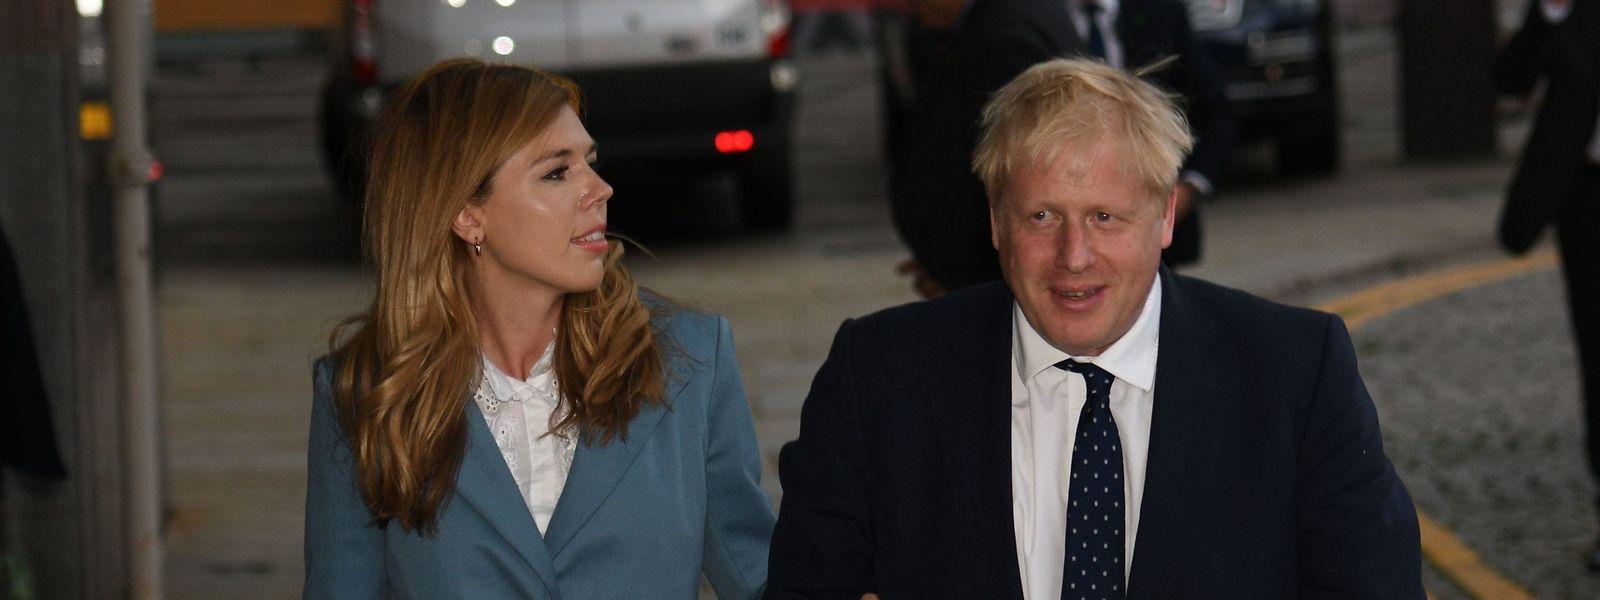 Boris Johnson mit seiner Lebenspartnerin Carrie Symonds am Samstag.